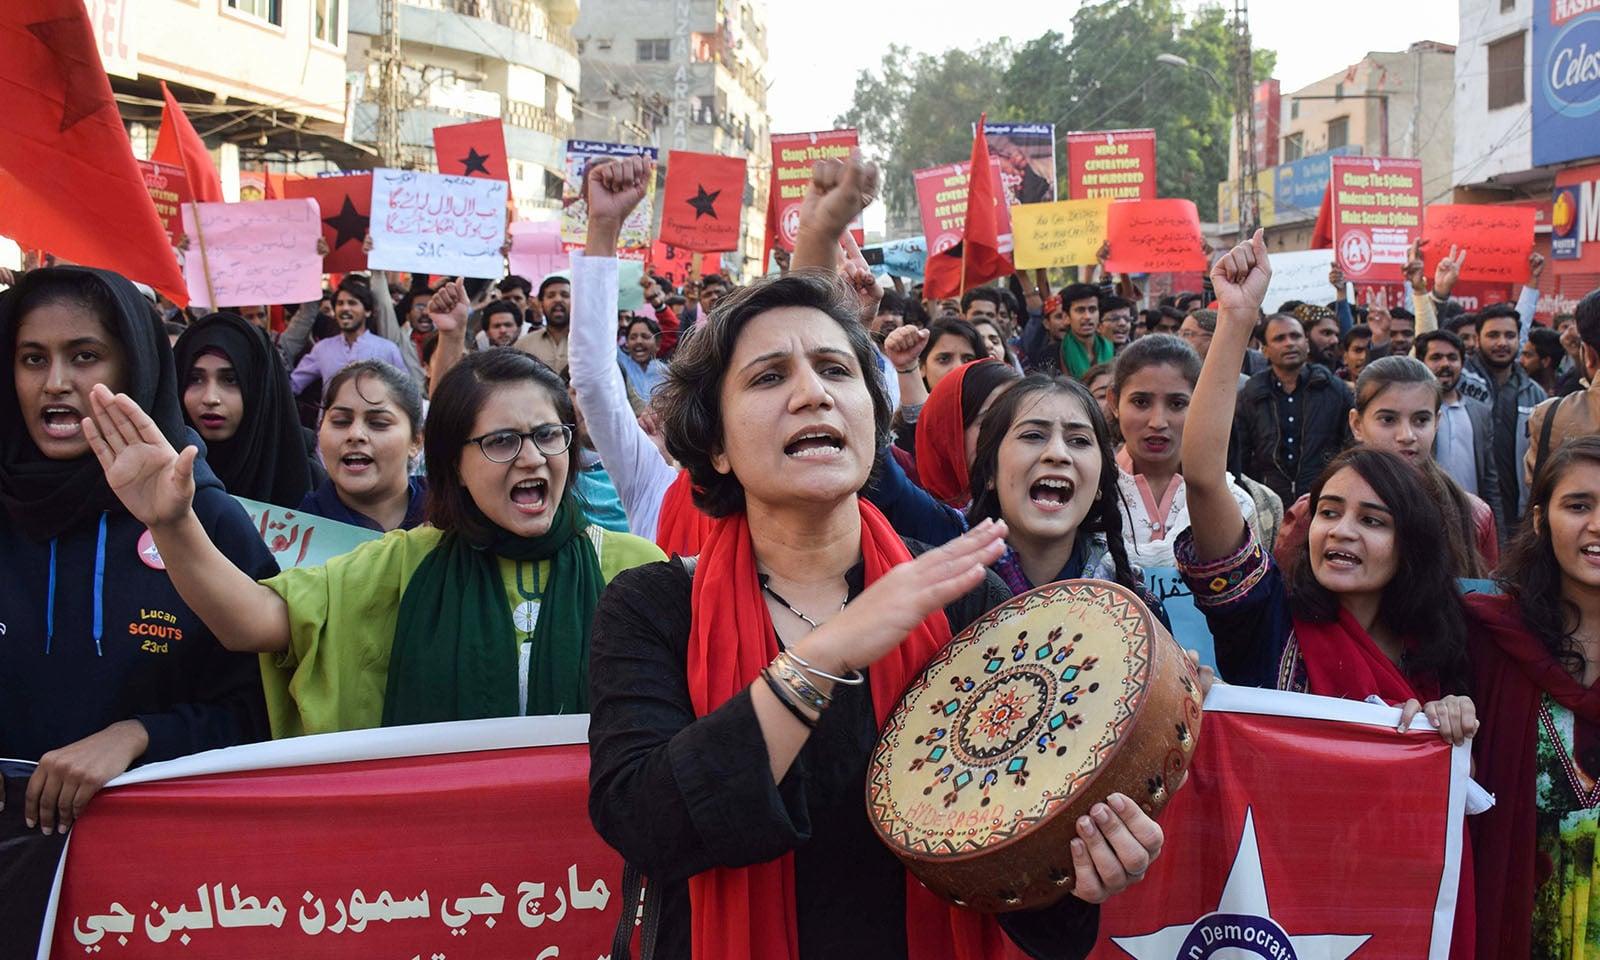 عوام نے ملک بھر میں طلبہ یونین کی بحالی کے لیے مظاہرے کیے — فوٹو: رائٹرز